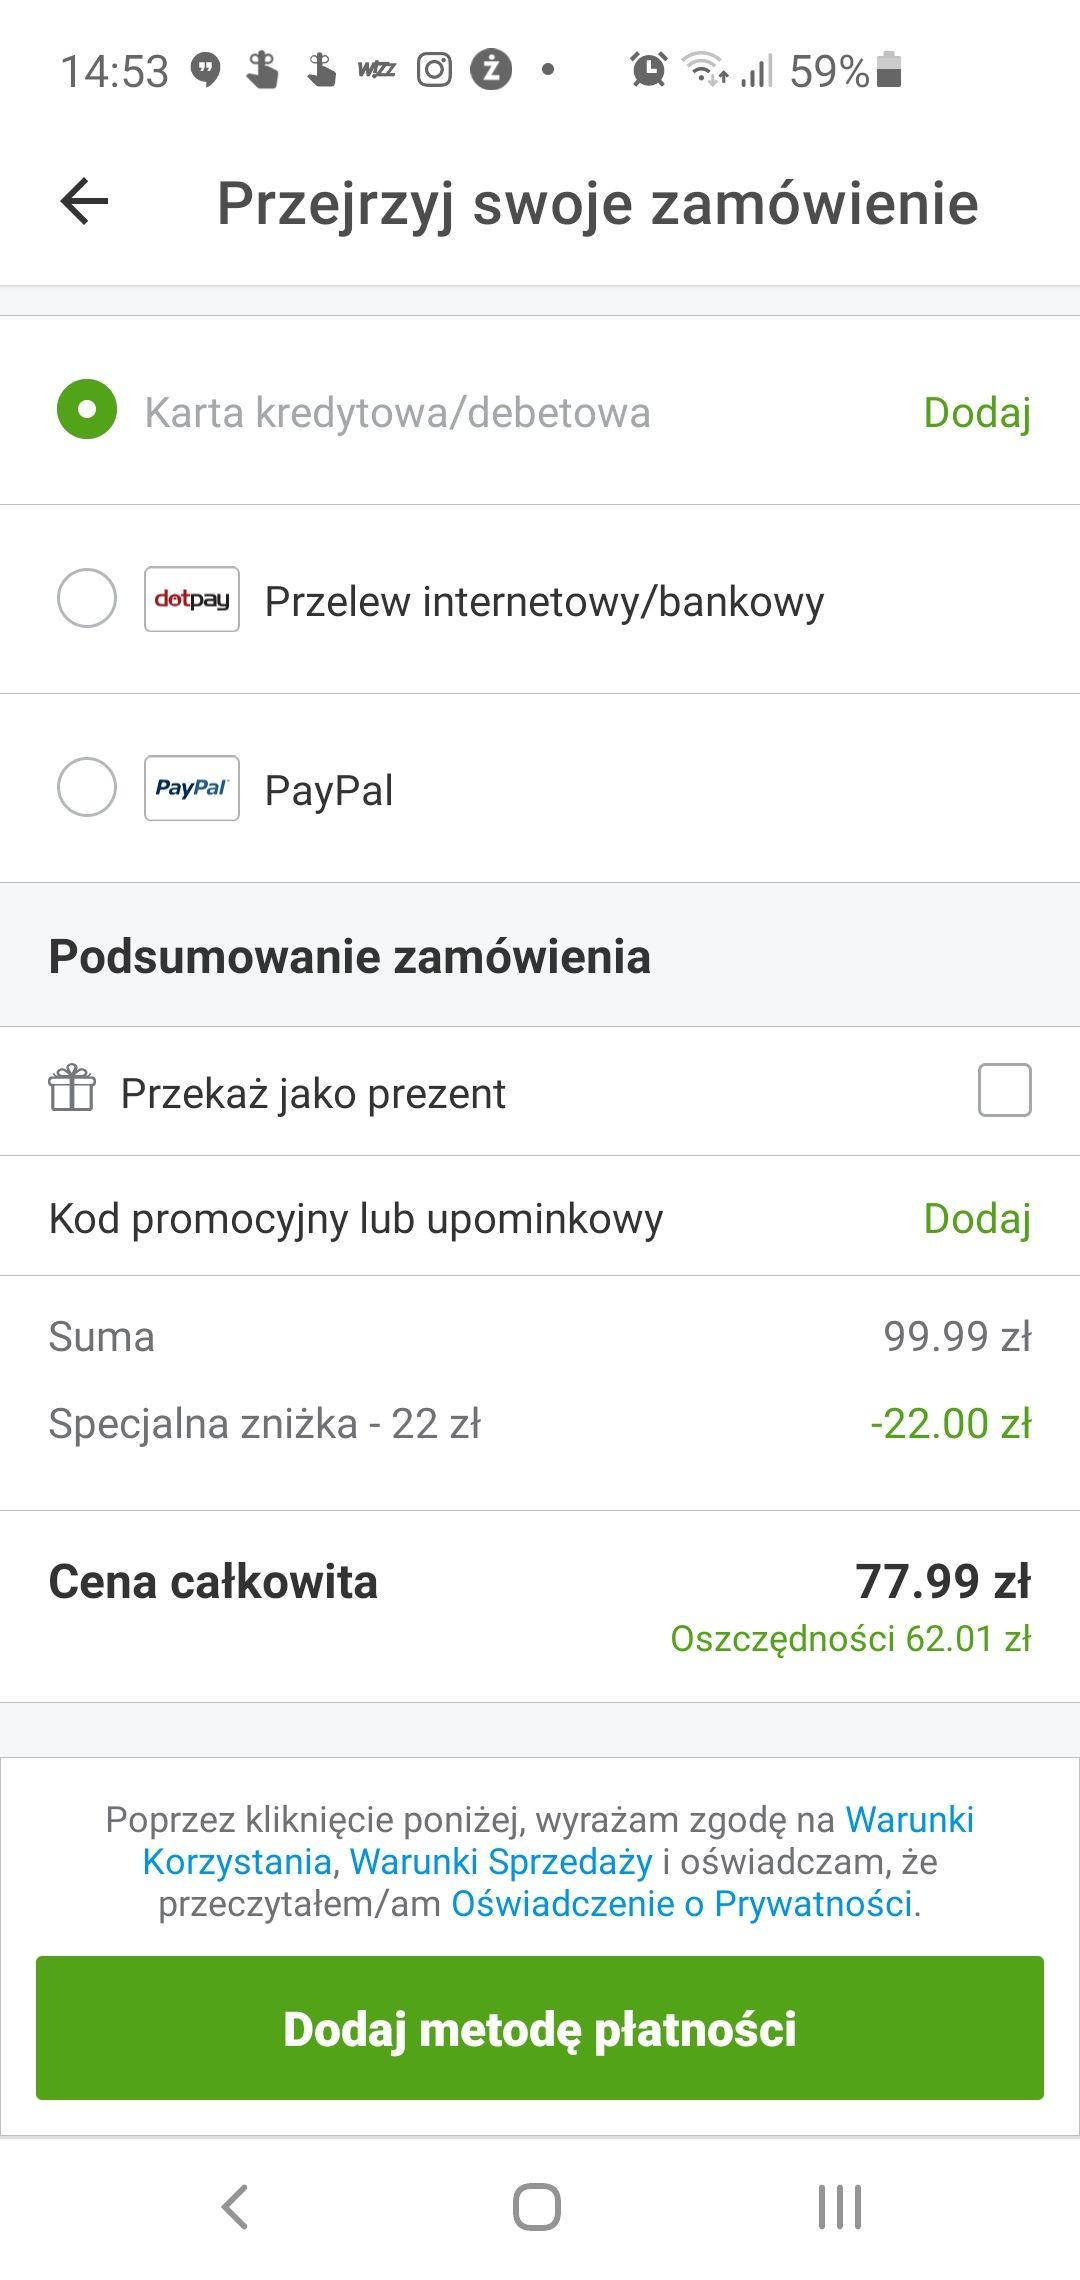 -22 zł na pierwszy zakupu z aplikacji Groupon